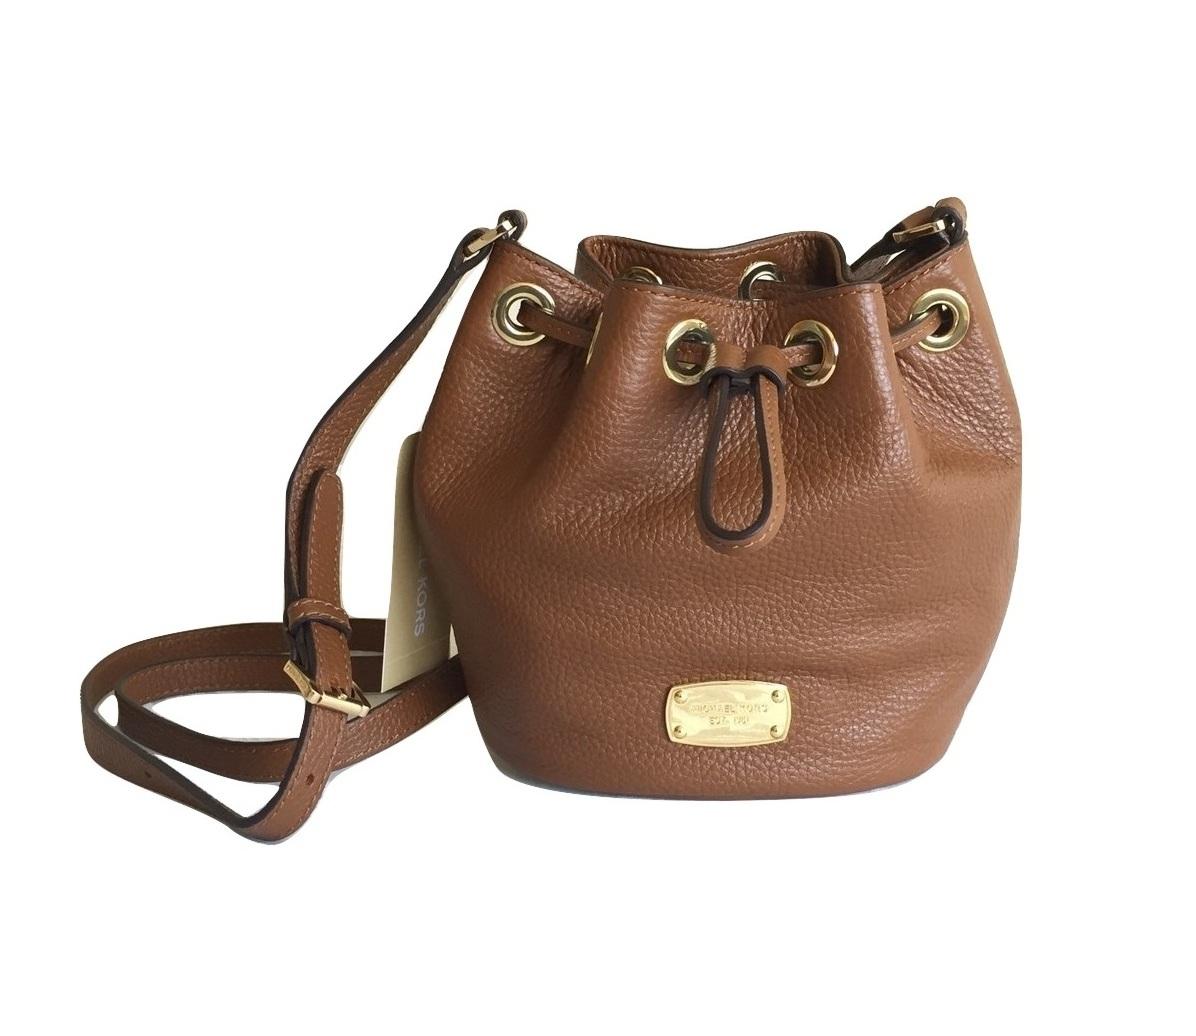 e7f7539824a7 MICHAEL KORS Luggage Brown